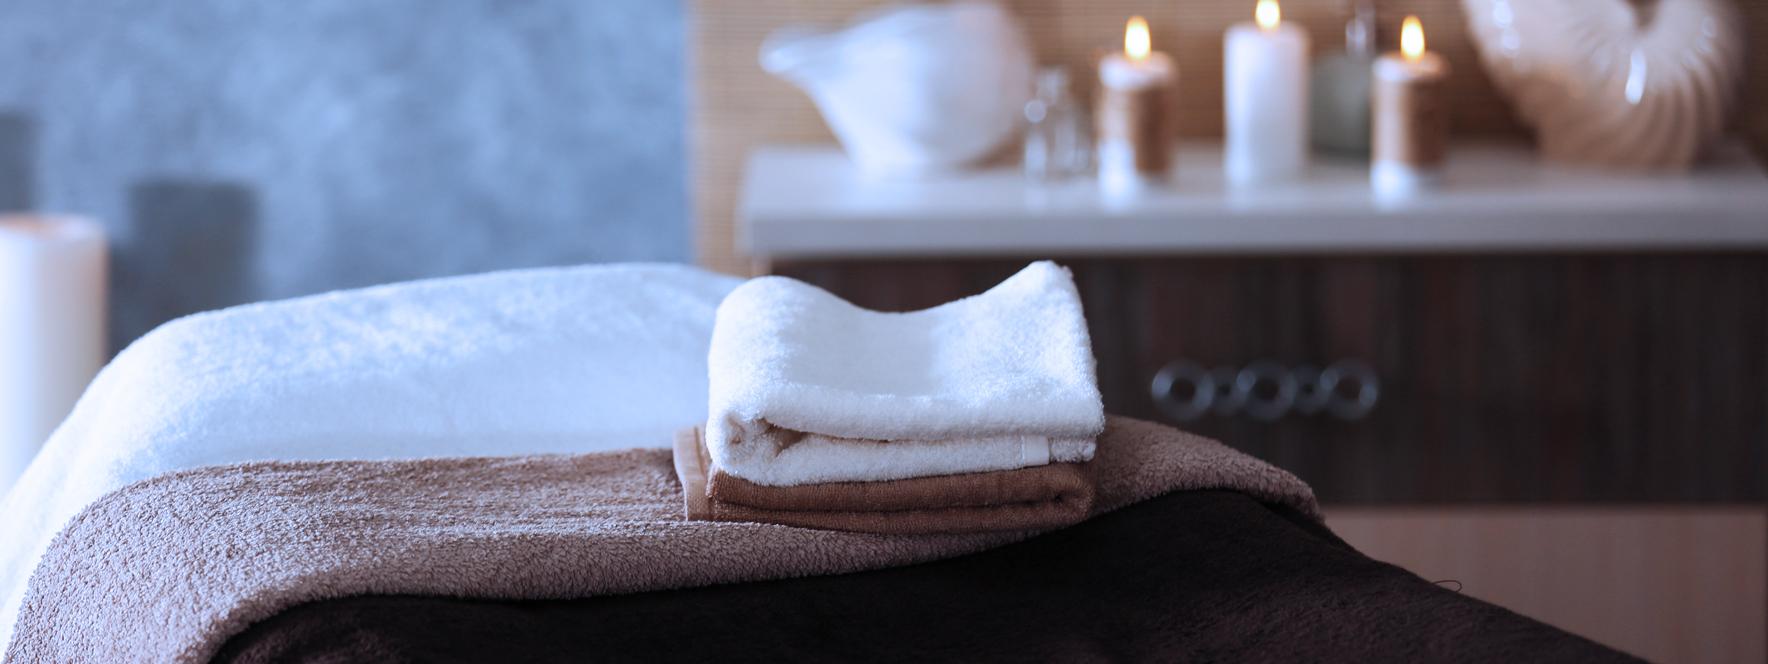 Comment se préparer pour un massage? Blogue du Réseau